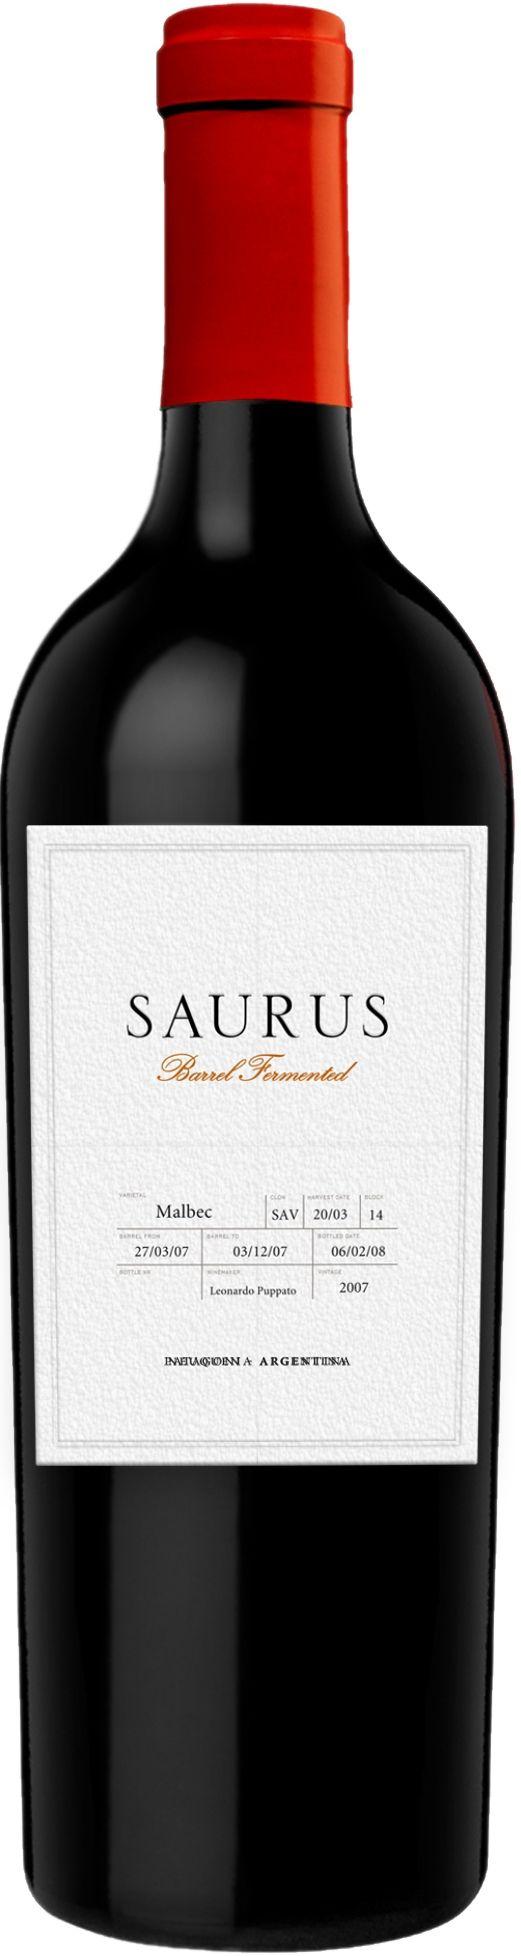 saurus-barrel-fermented-malbec-2007